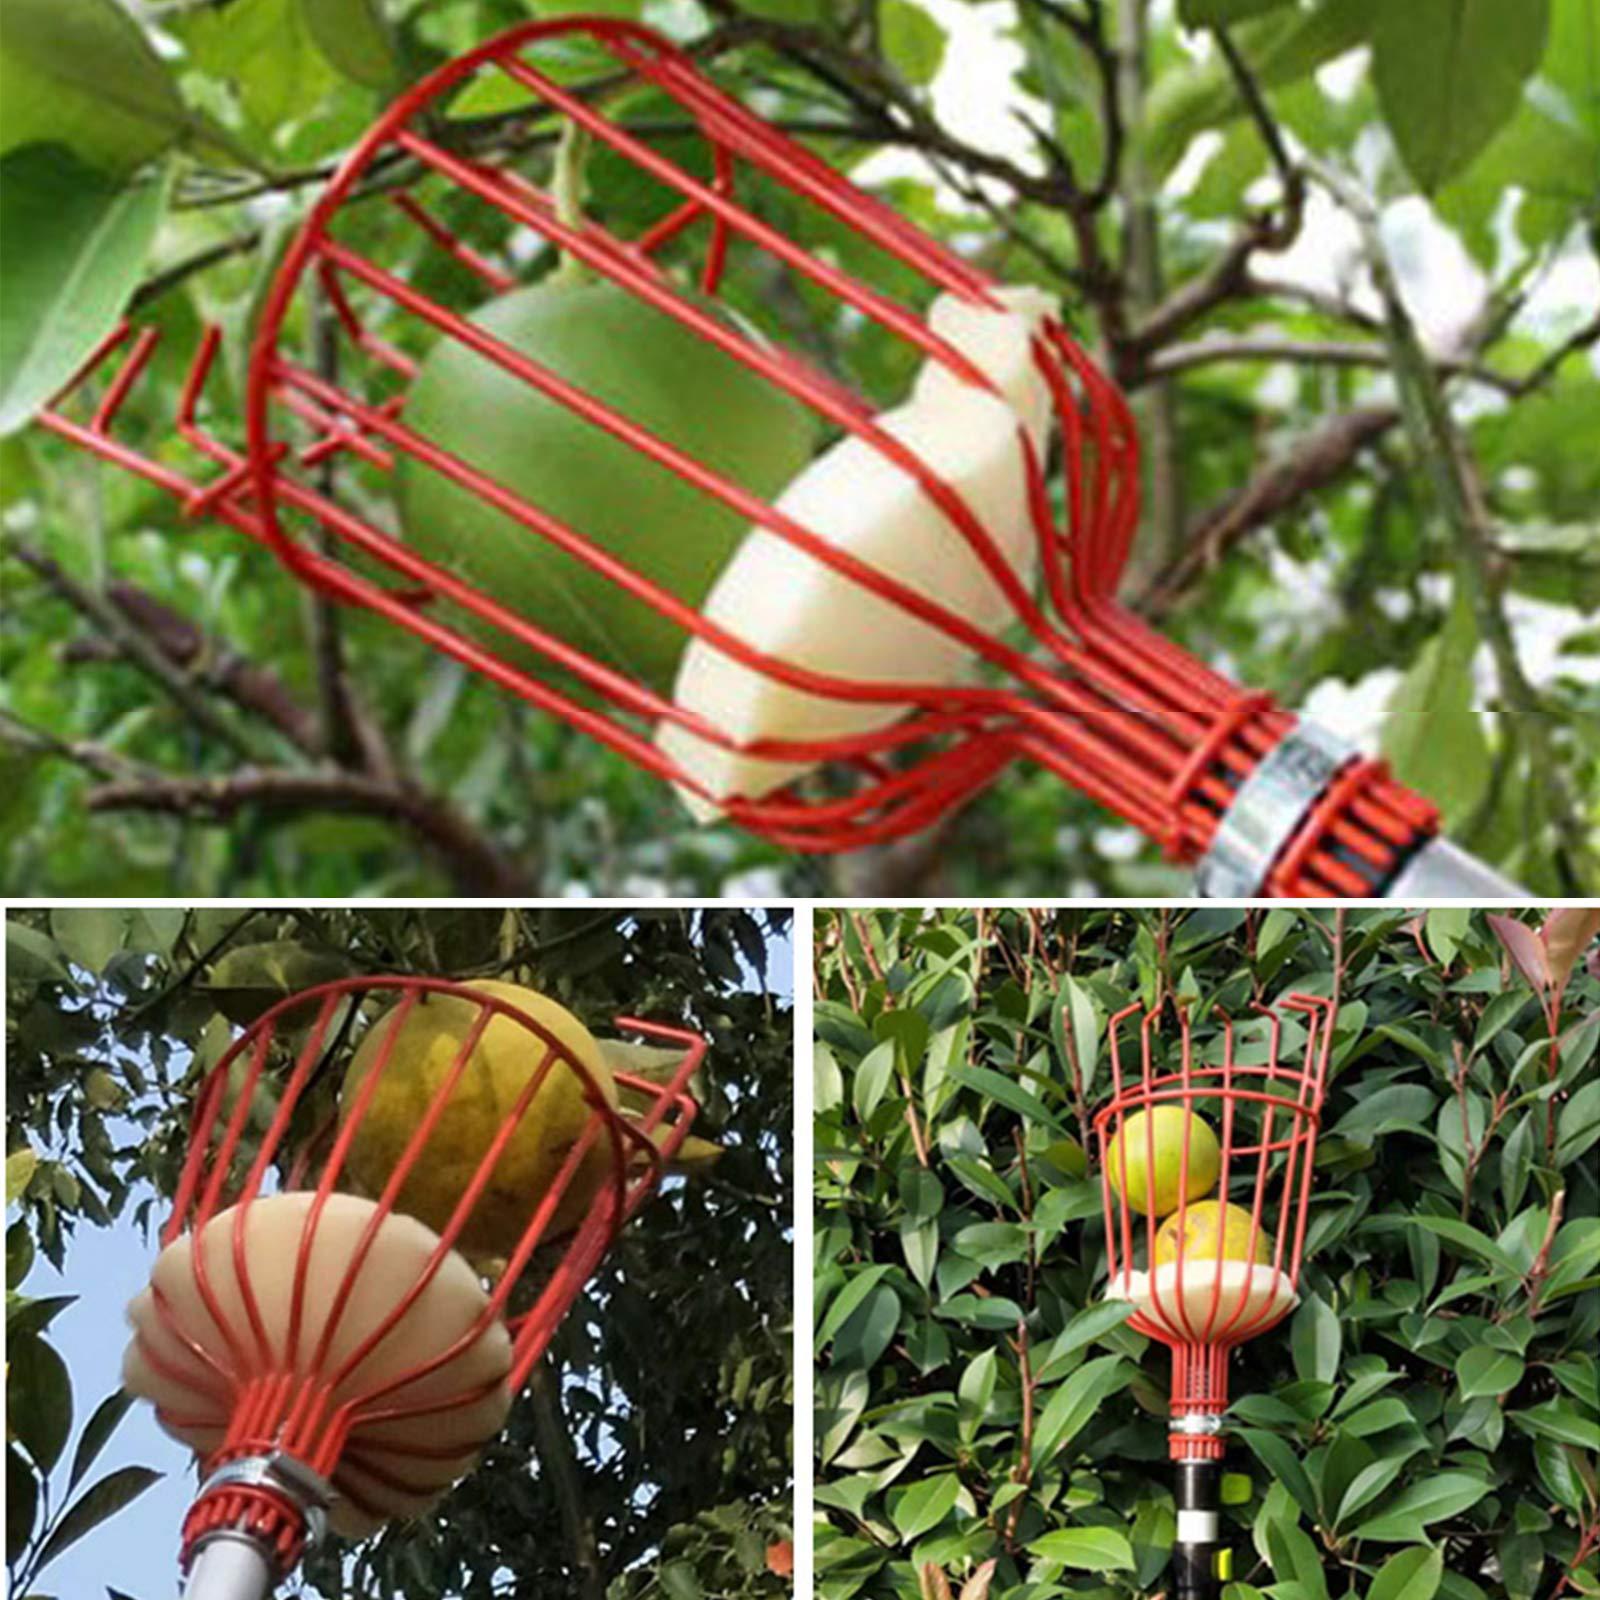 Voilamart Obstpflücker mit Teleskopstange,4 m Verstellbarer Erntehelfer Obsternte Obstgreifer Apfelpflücker für Obsternte Garten Apfel Birne Pfirsich Werkzeuge,Leicht Schwarz Aluminiumlegierung